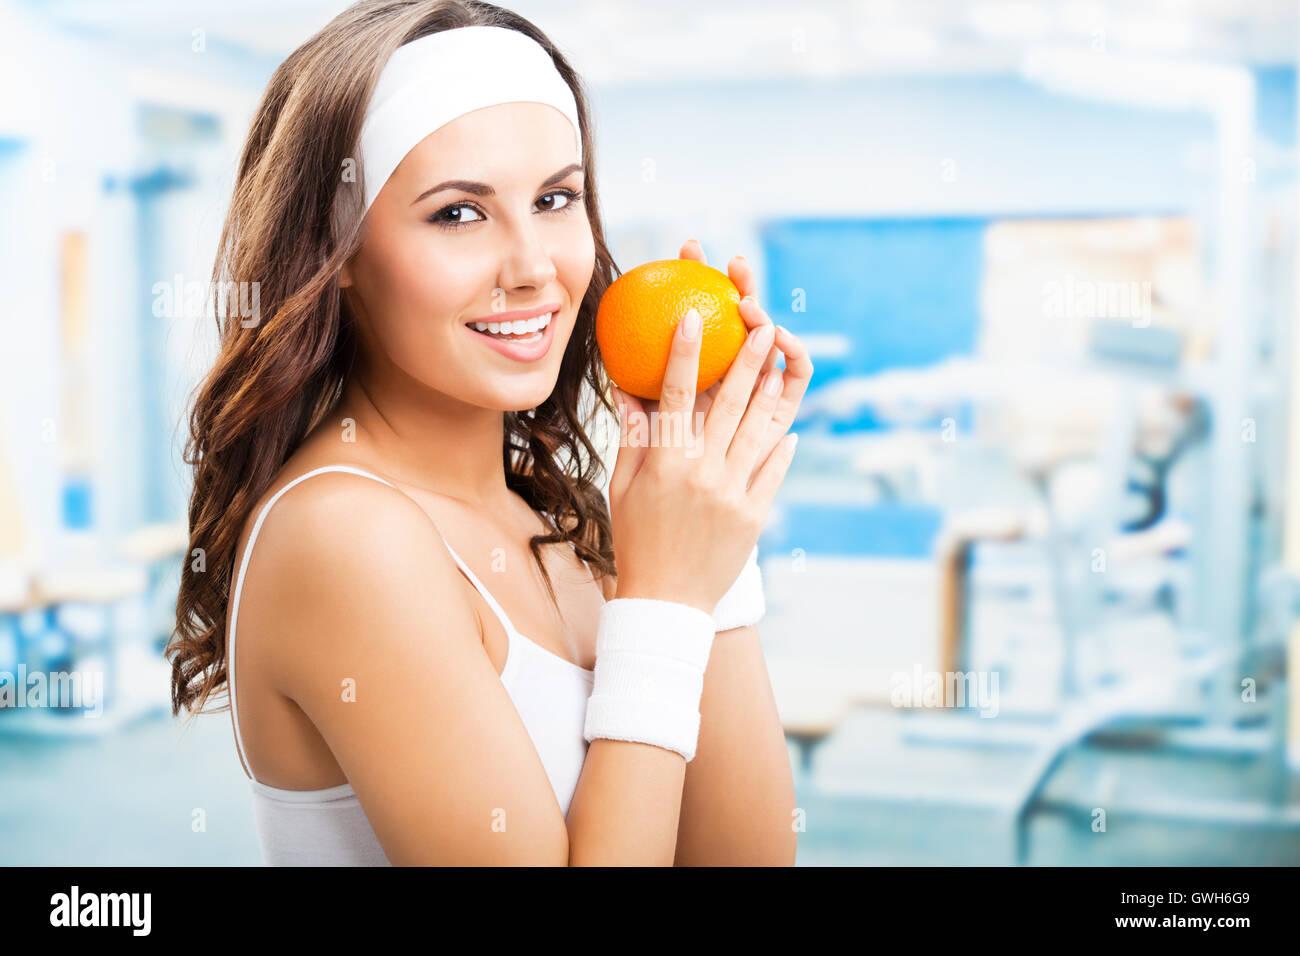 Retrato de una mujer encantadora que sonríe feliz con Orange, en el centro de fitness o gimnasio Imagen De Stock